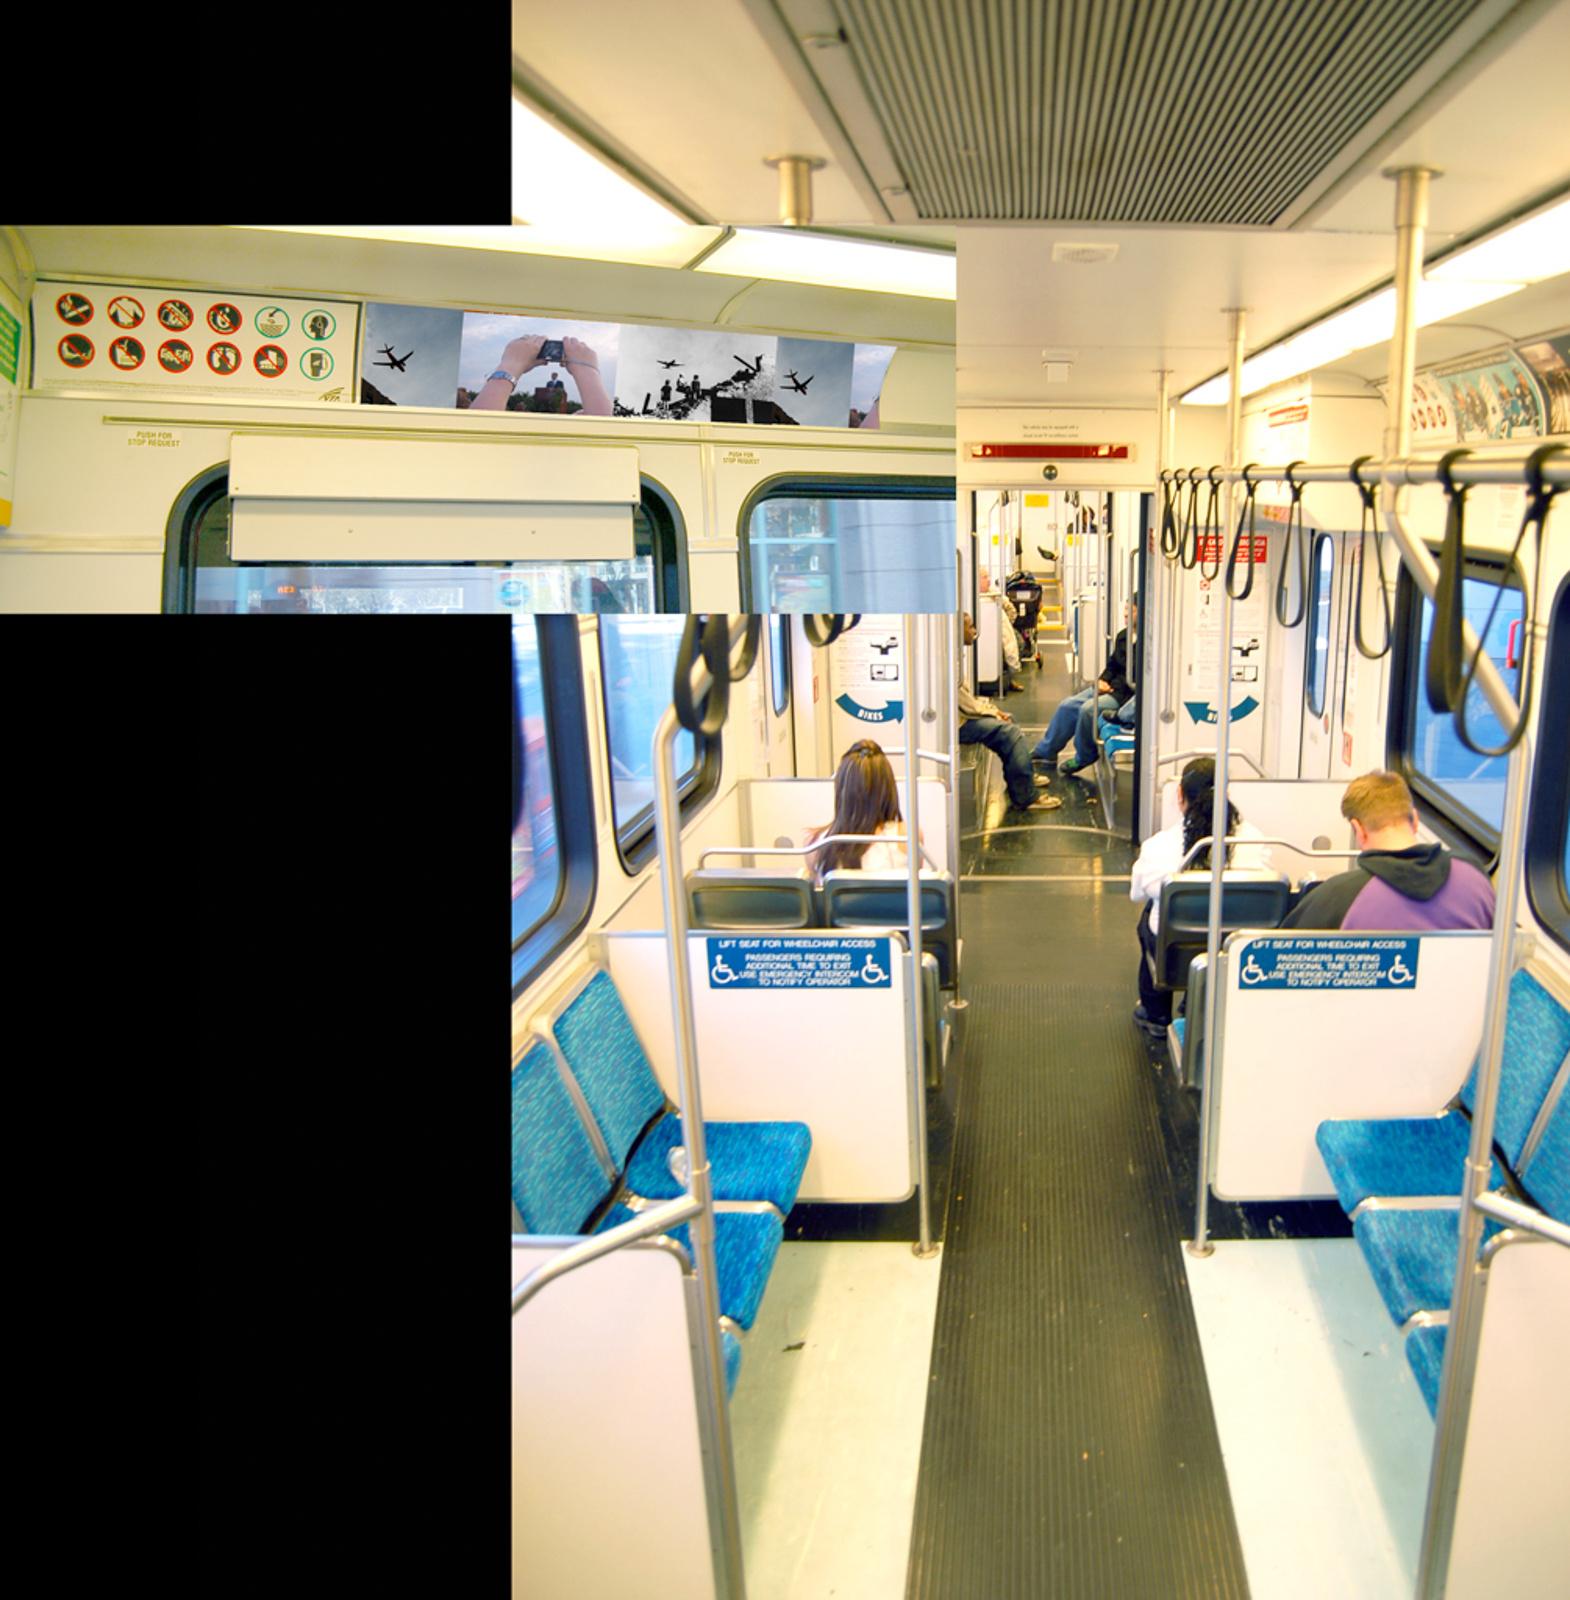 612b59deae817553-20091129-inside_train.jpg